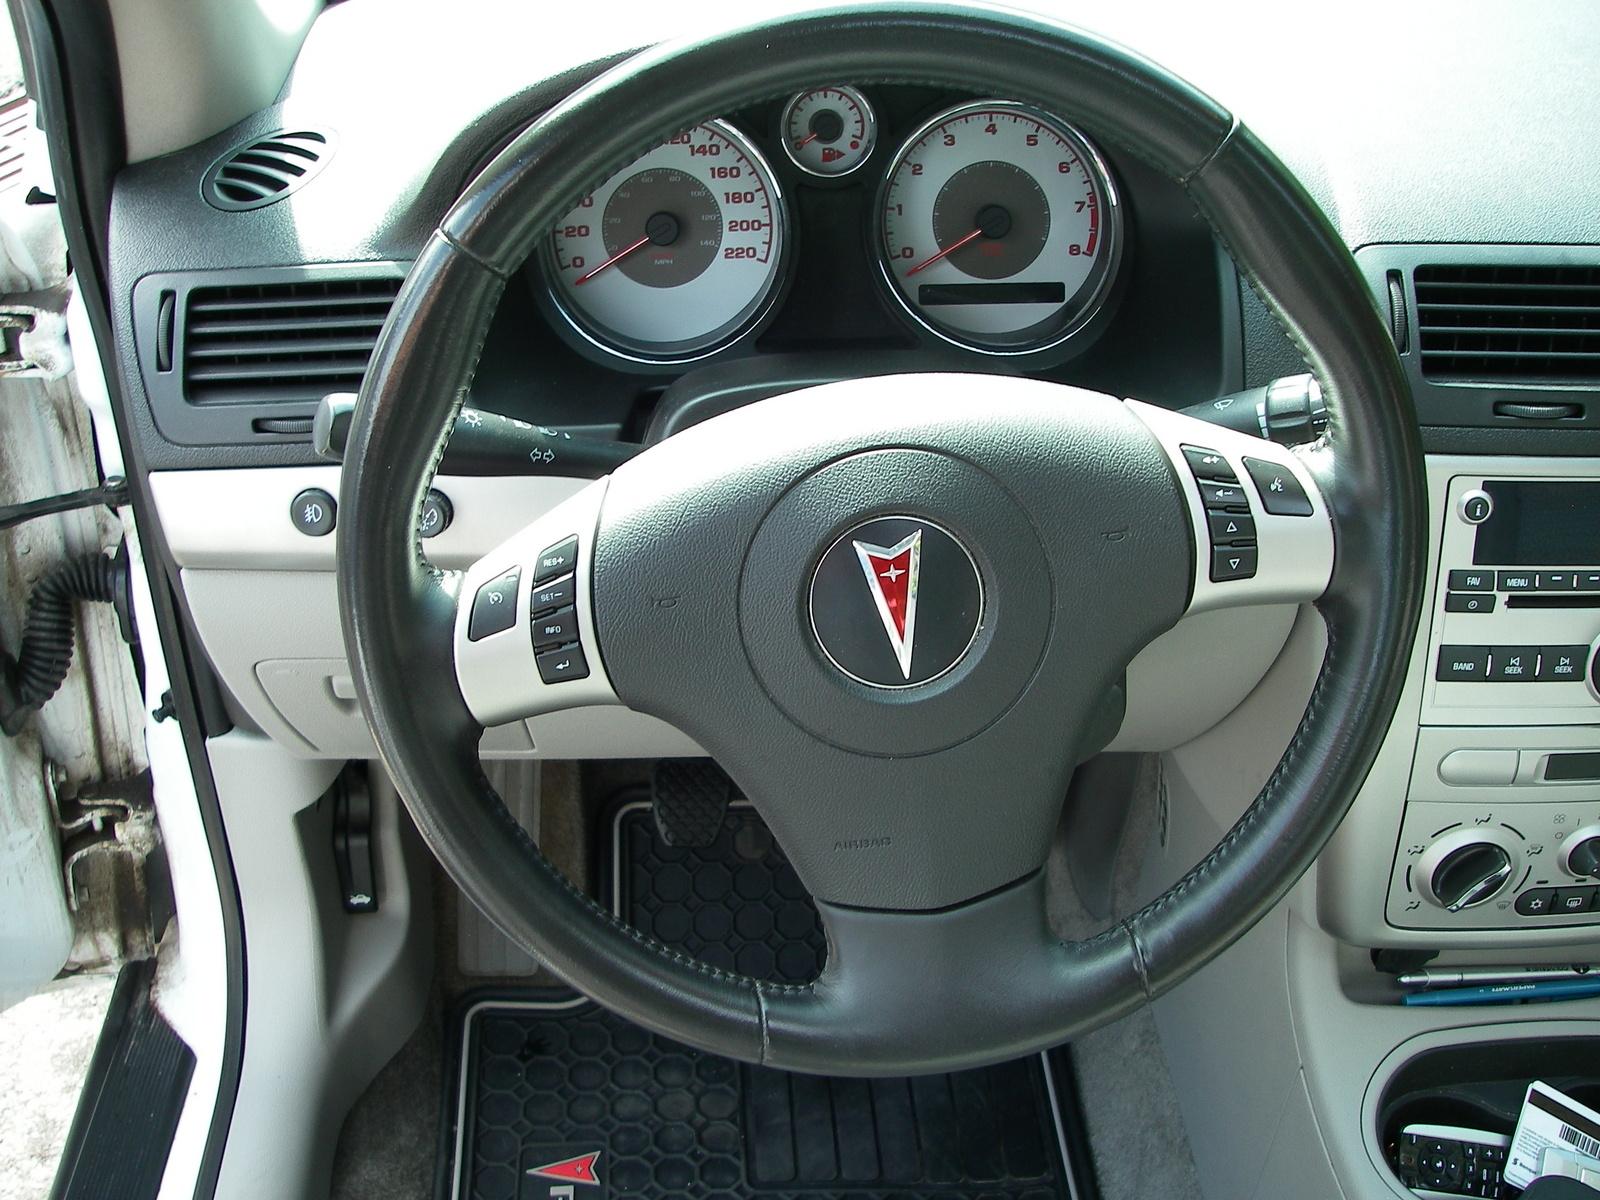 2008 Pontiac G5 Interior Pictures Cargurus